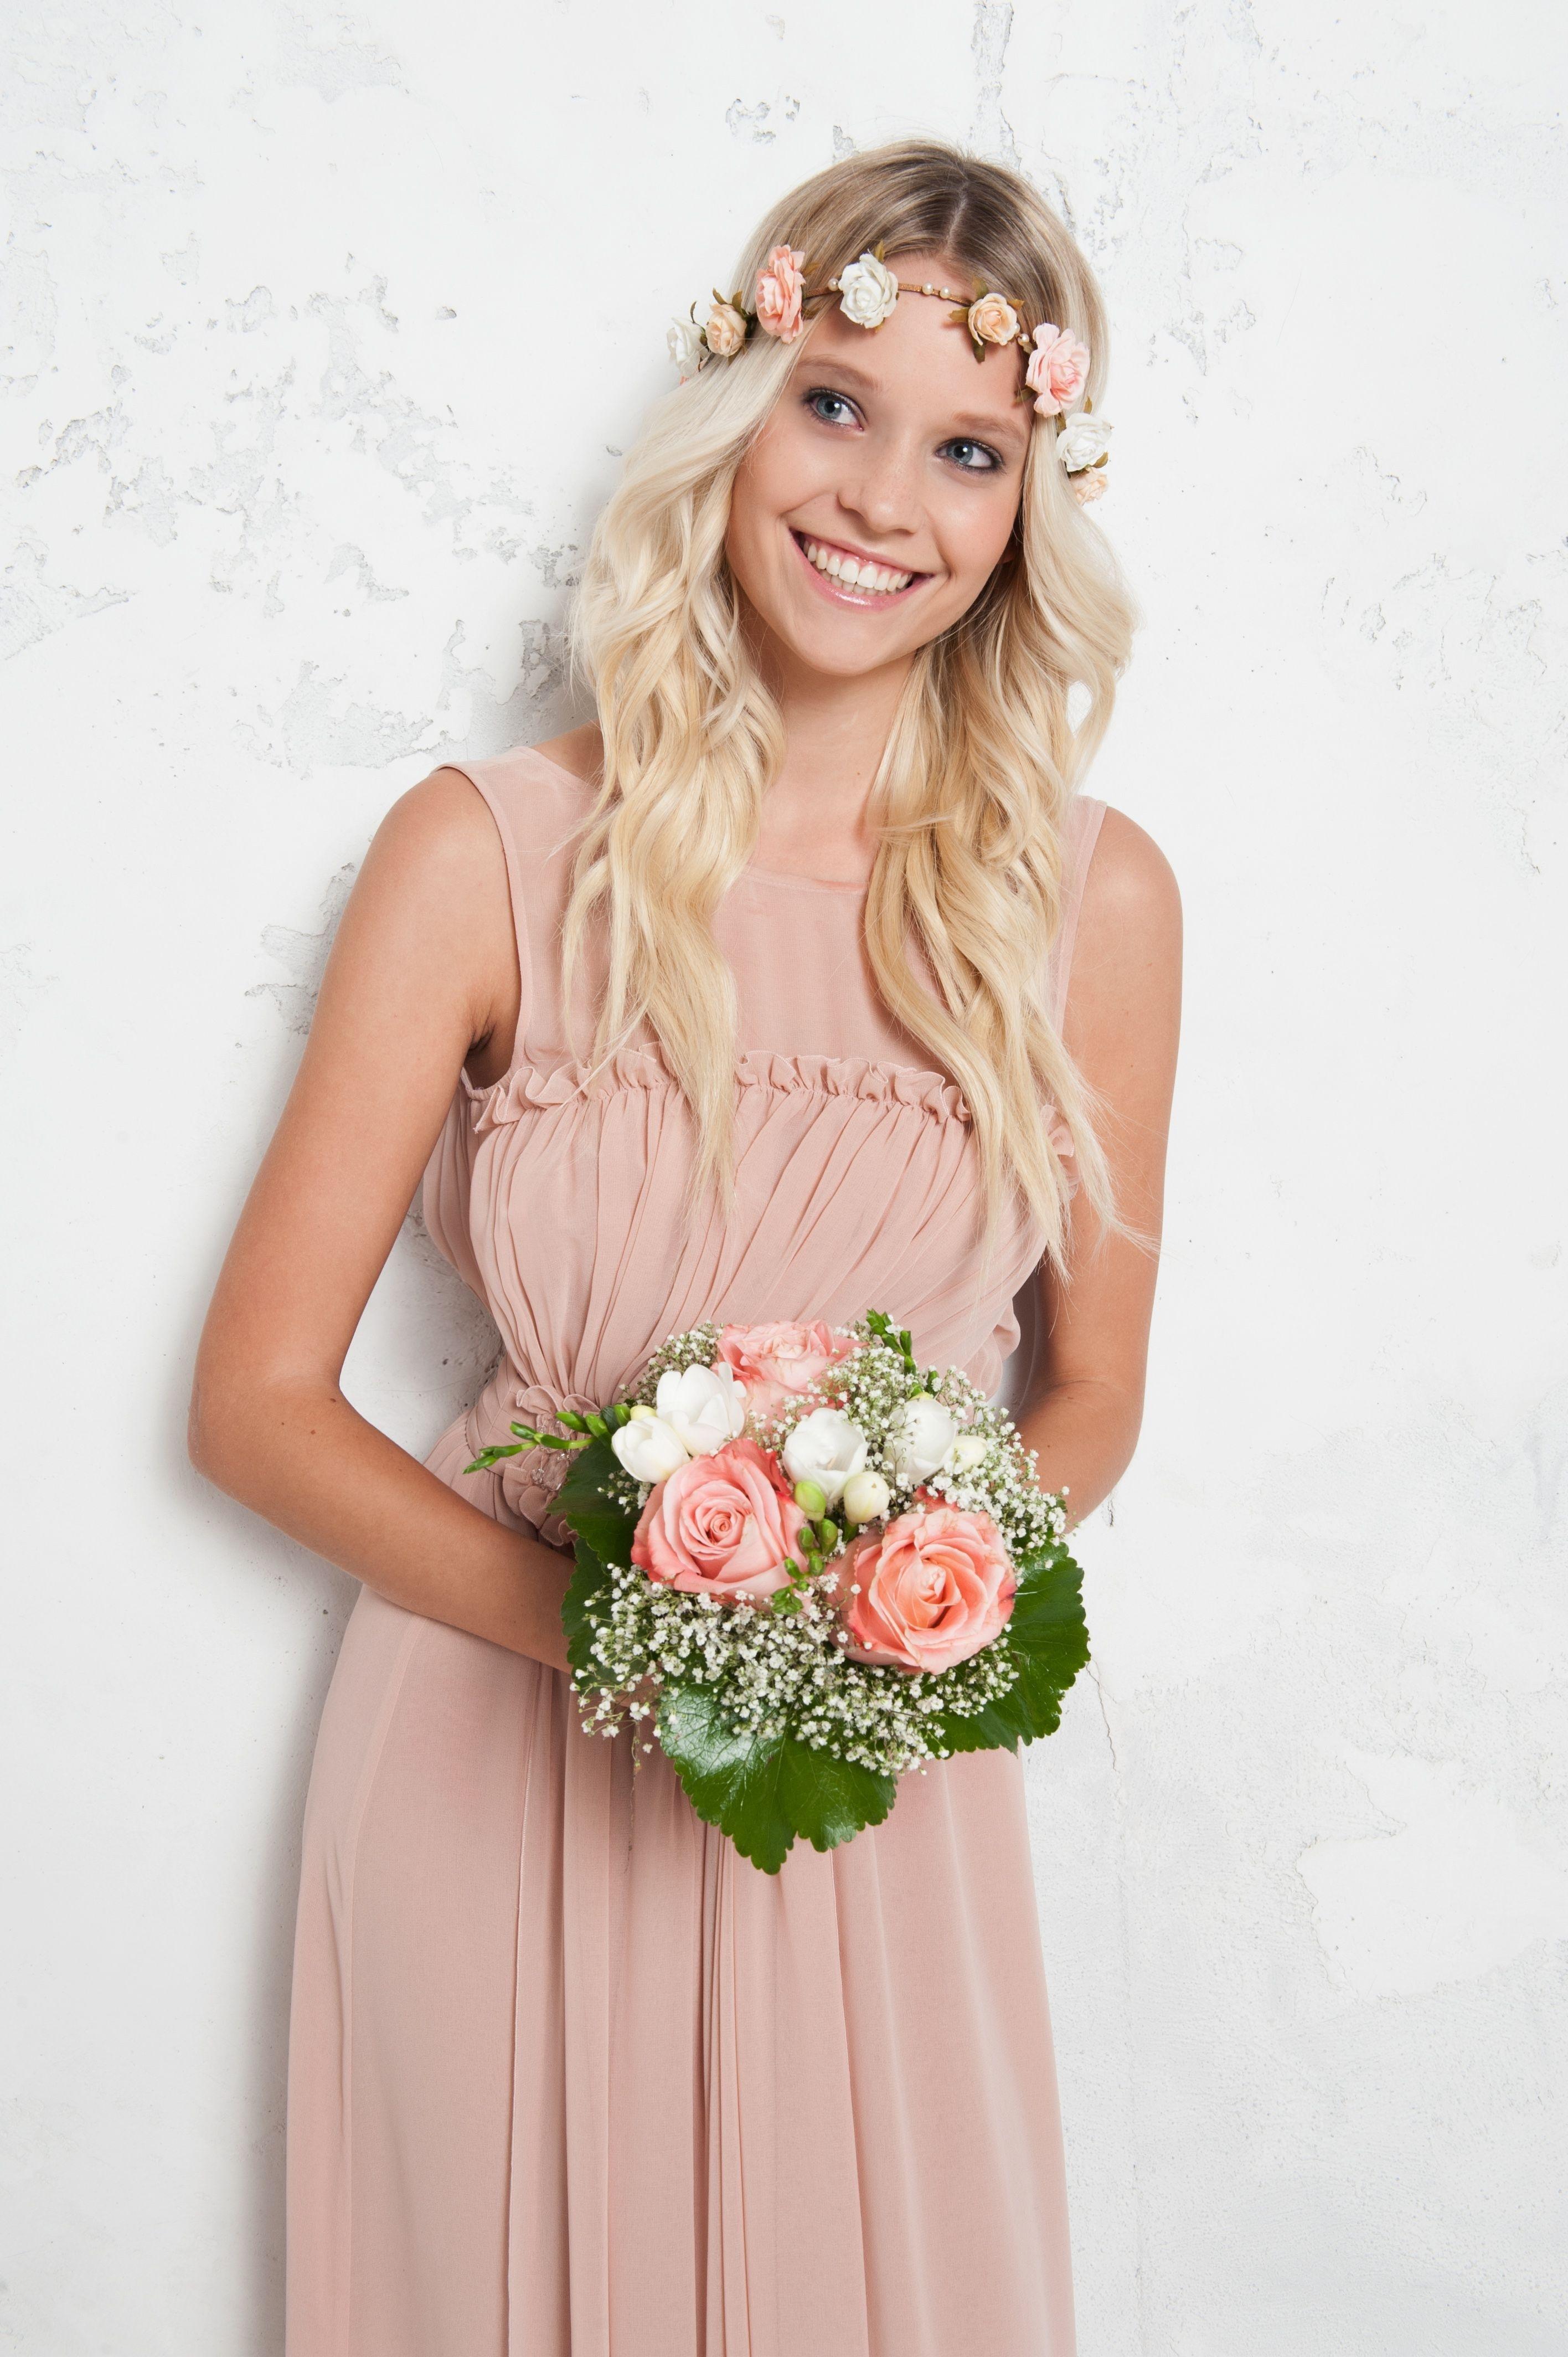 20 Top Sommerkleid Hochzeitsgast Boutique15 Ausgezeichnet Sommerkleid Hochzeitsgast Galerie